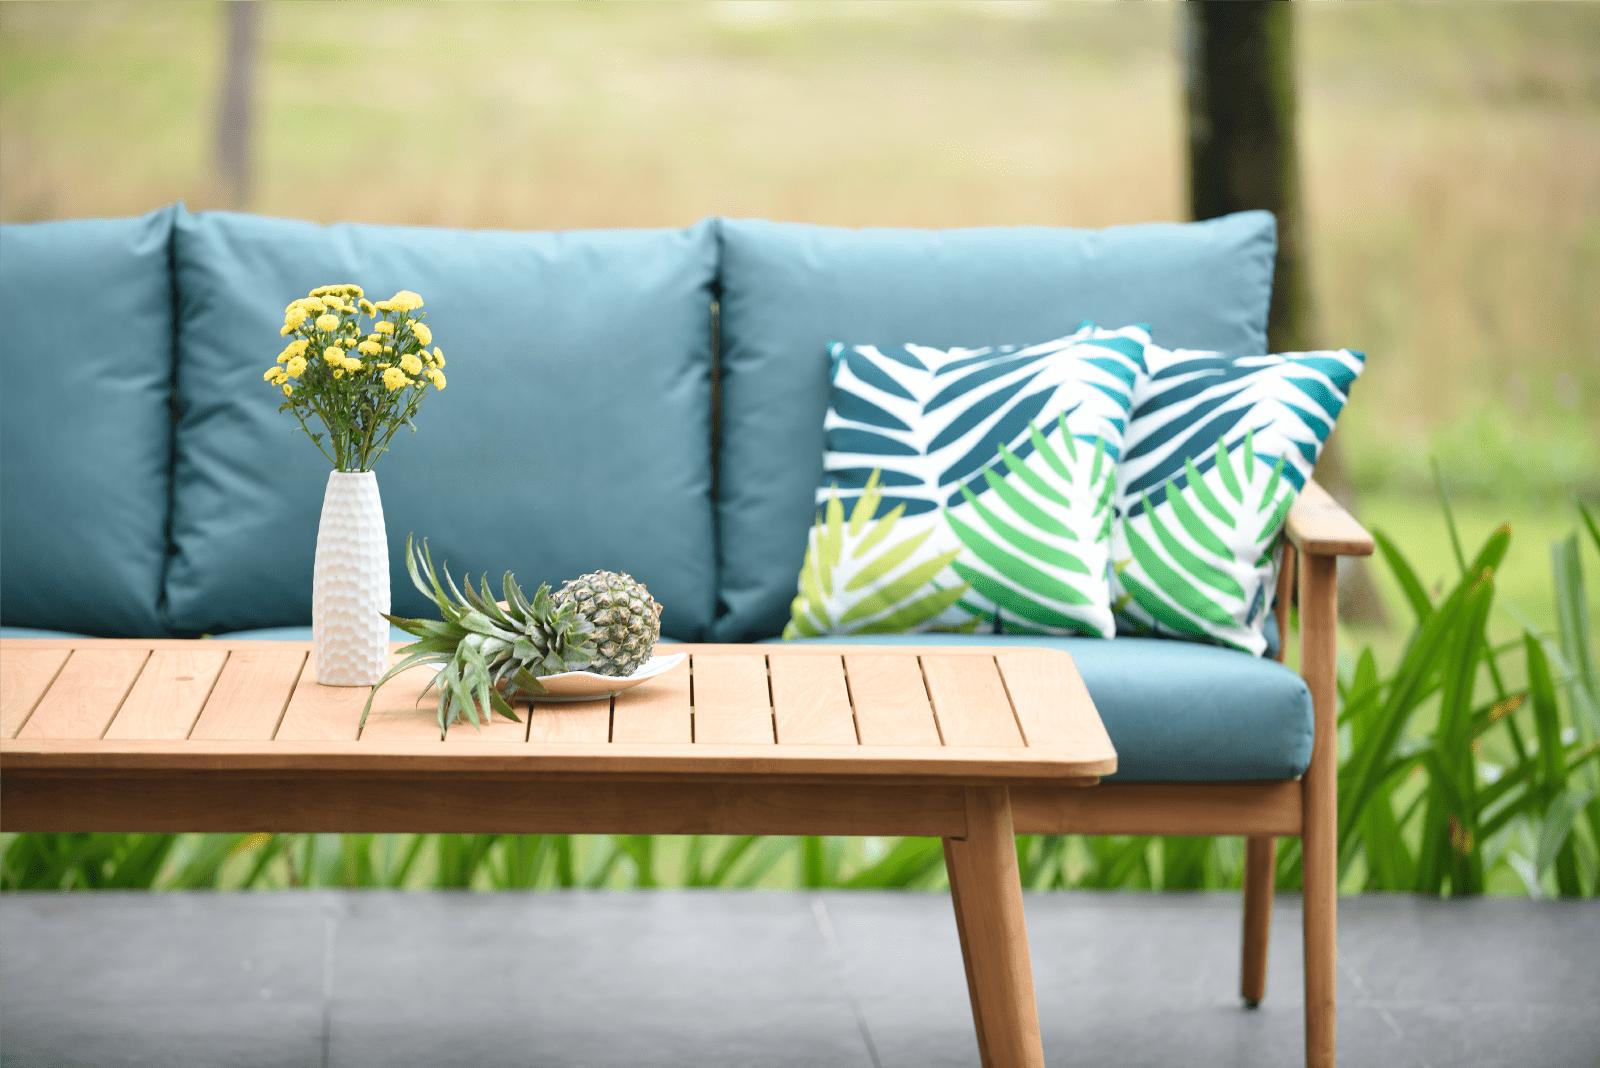 ¿Cómo proteger tus muebles de jardín?